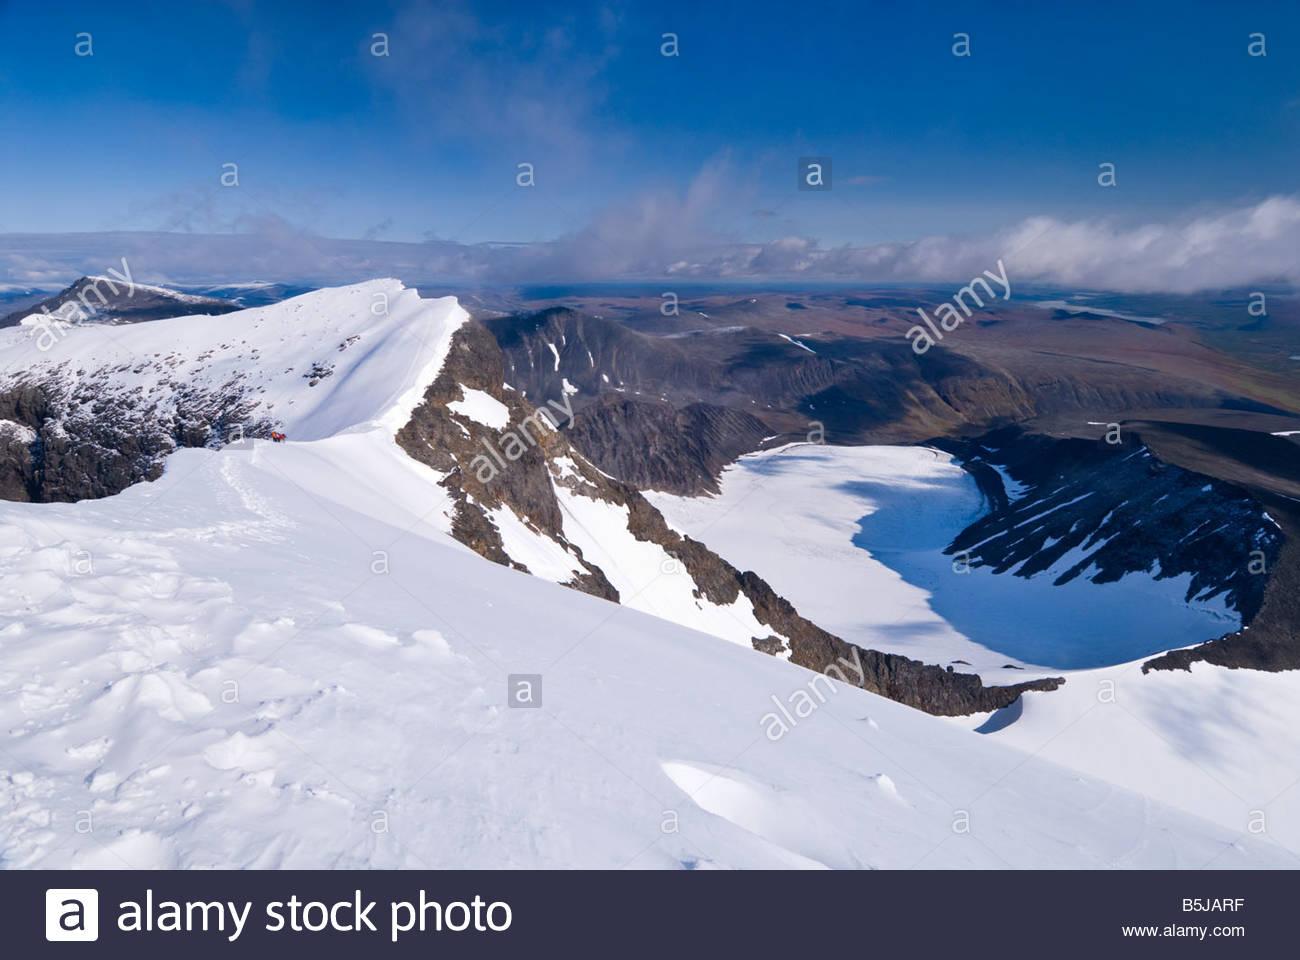 Von der Spitze des Kebnekaise, Schwedens höchstem Berg mit Blick auf den Nordgipfel. Stockbild